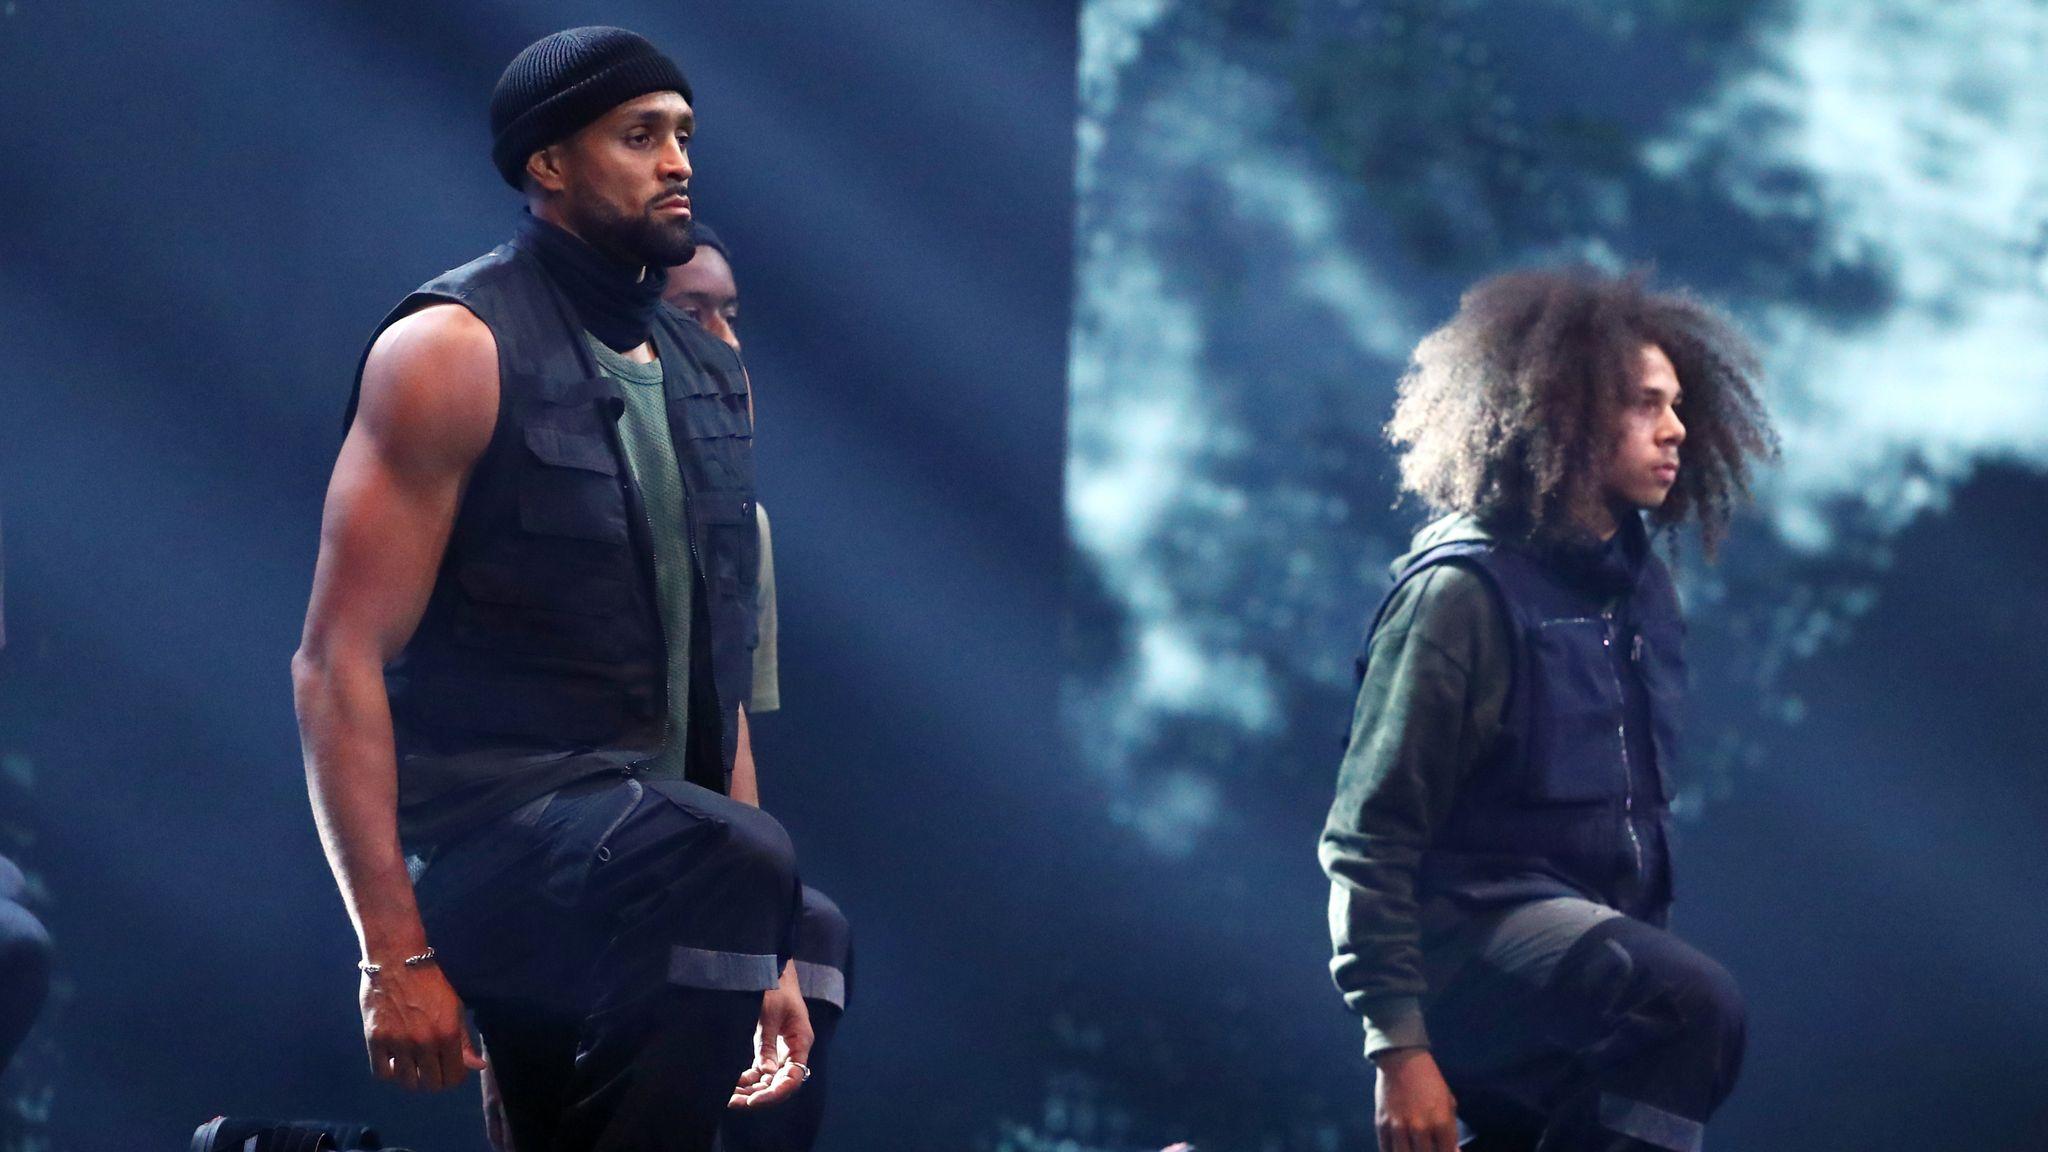 Britain's Got Talent complaints surpass 7,500 after Diversity's Black Lives Matter dance